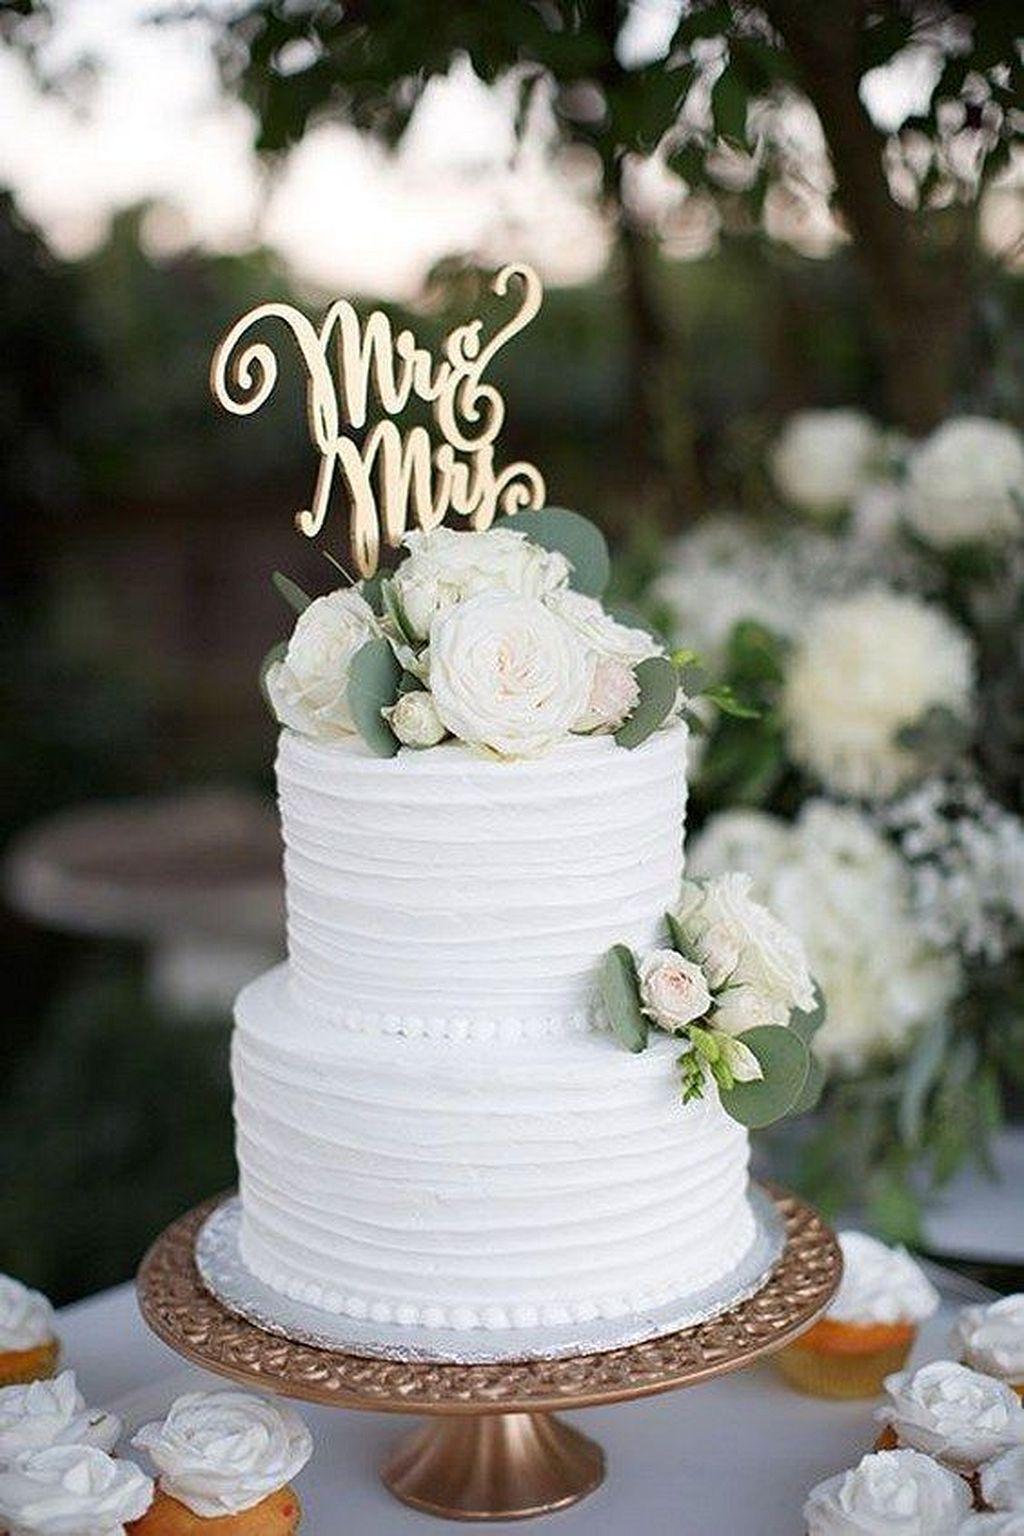 Amazing simple and elegant wedding cake ideas weddmagz